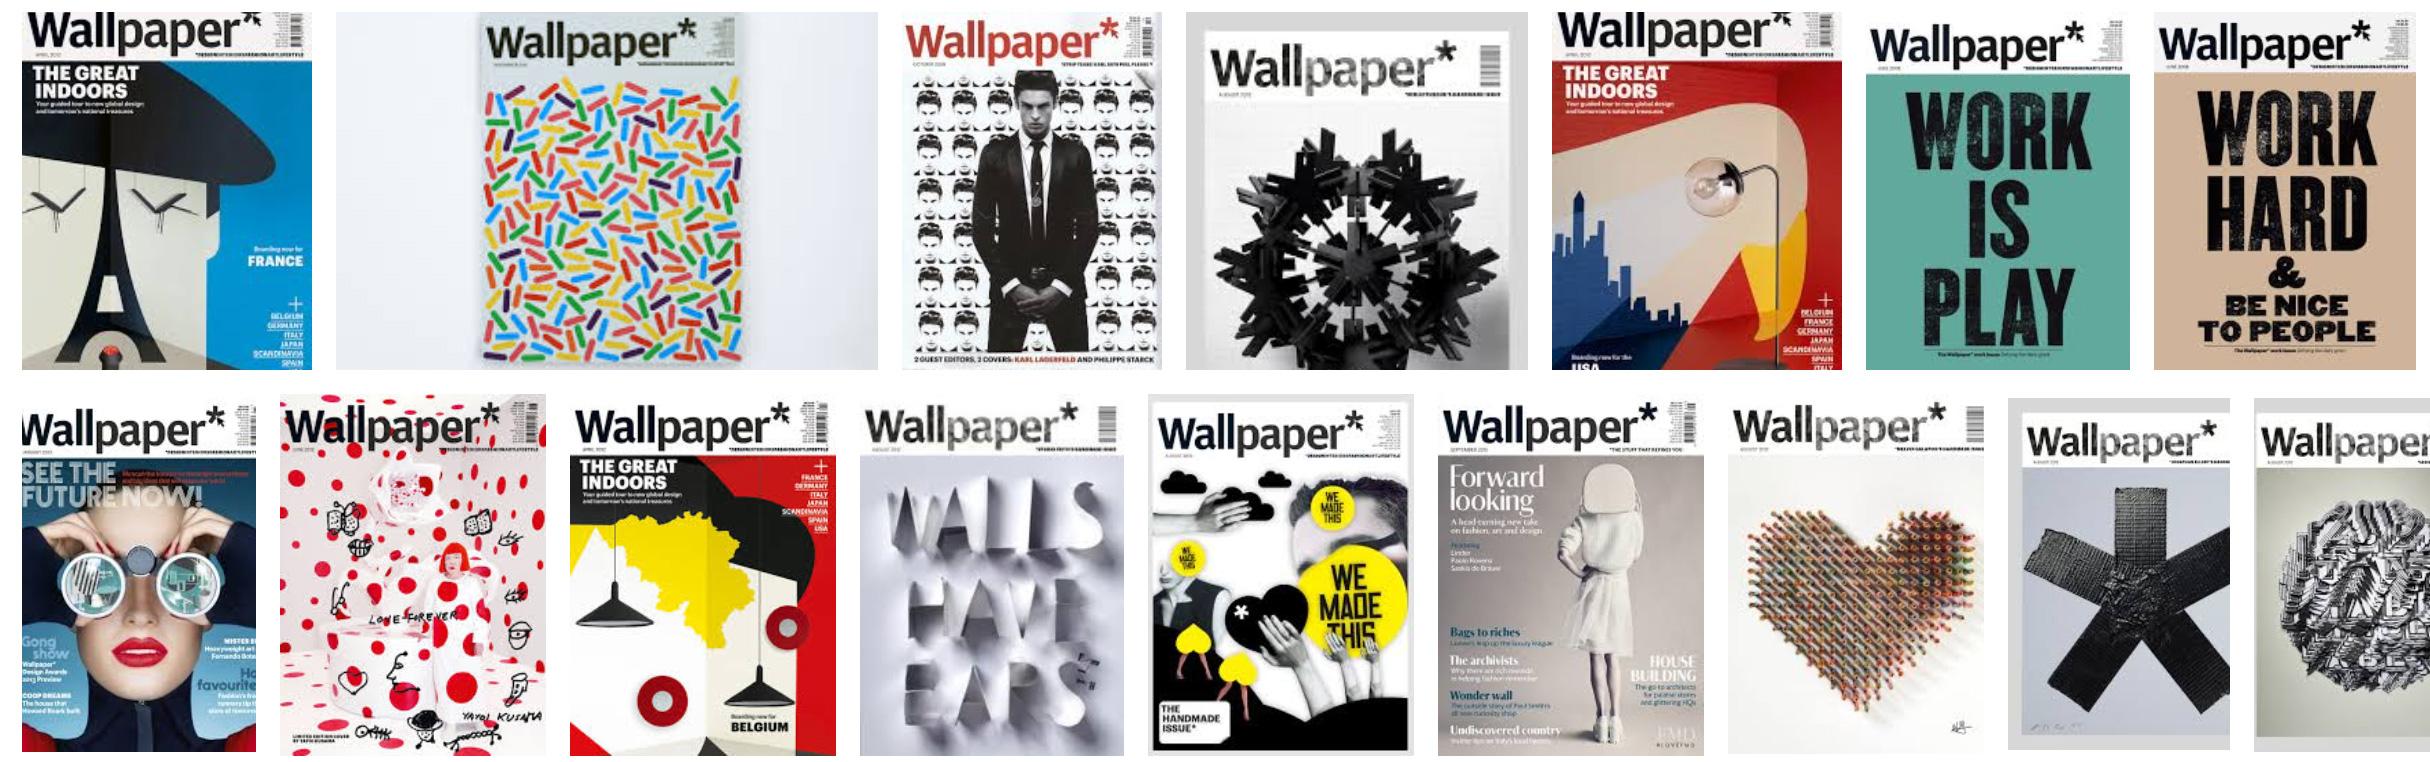 Portadas de la revista Wallpaper*